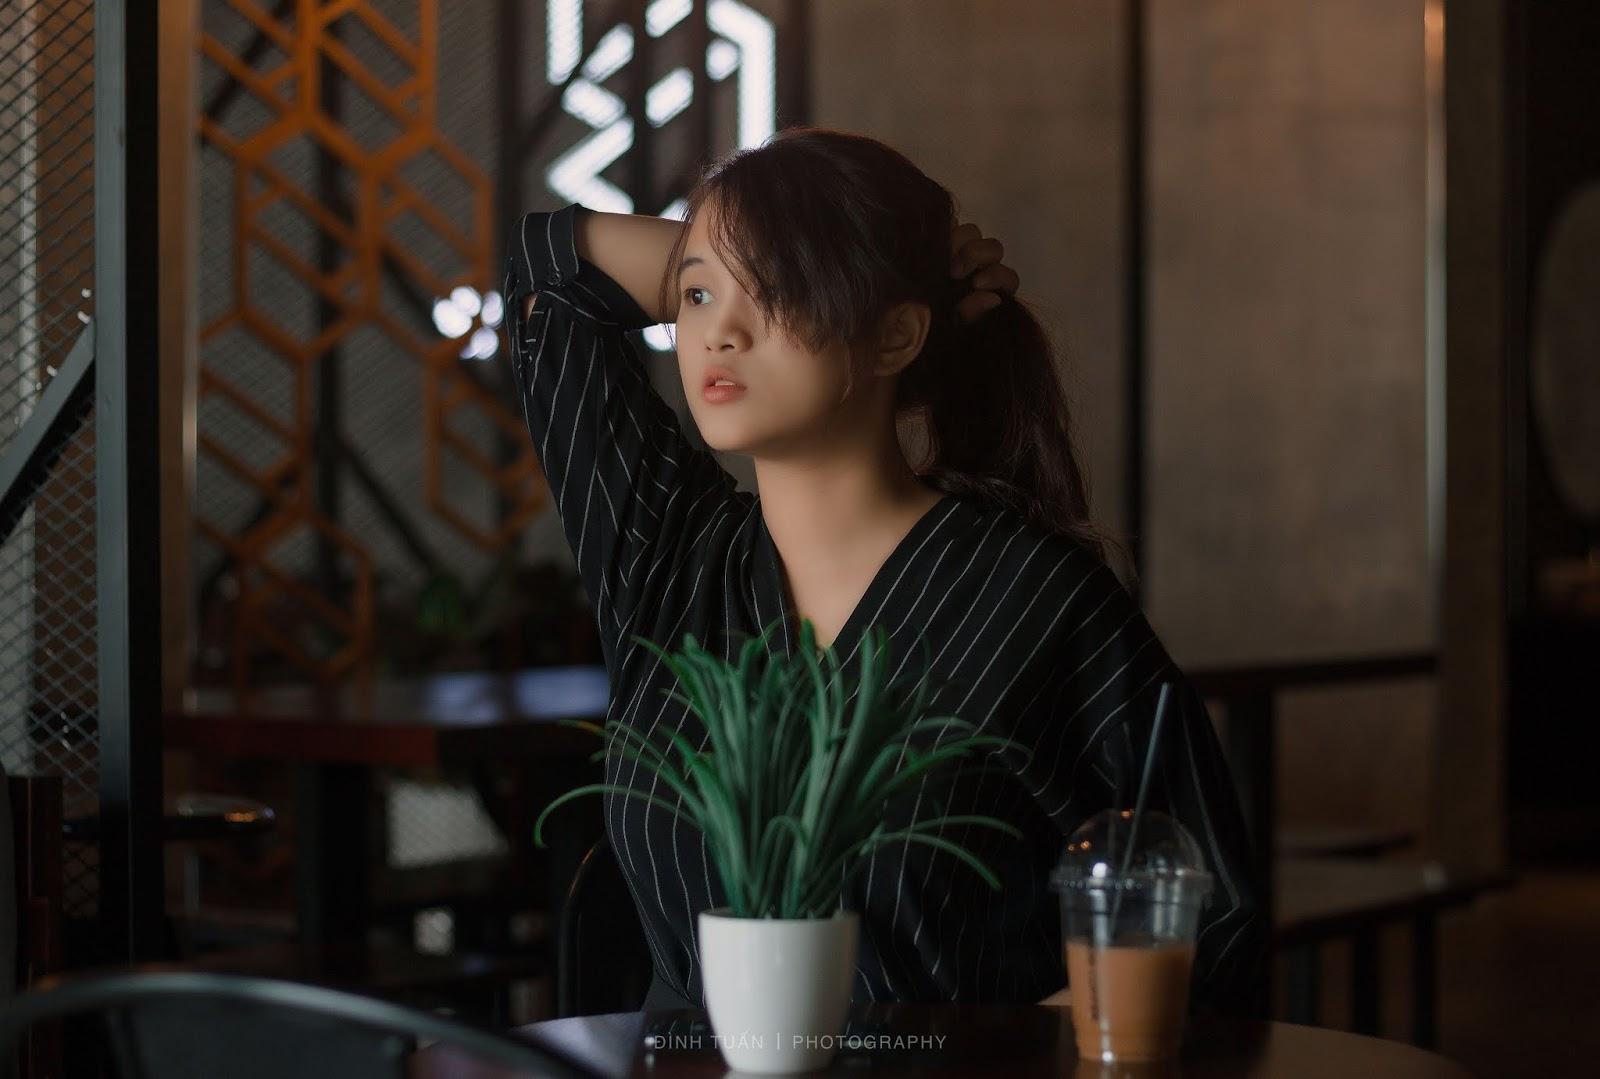 Phương Phương đậm chất Vintage tại Snob Coffee